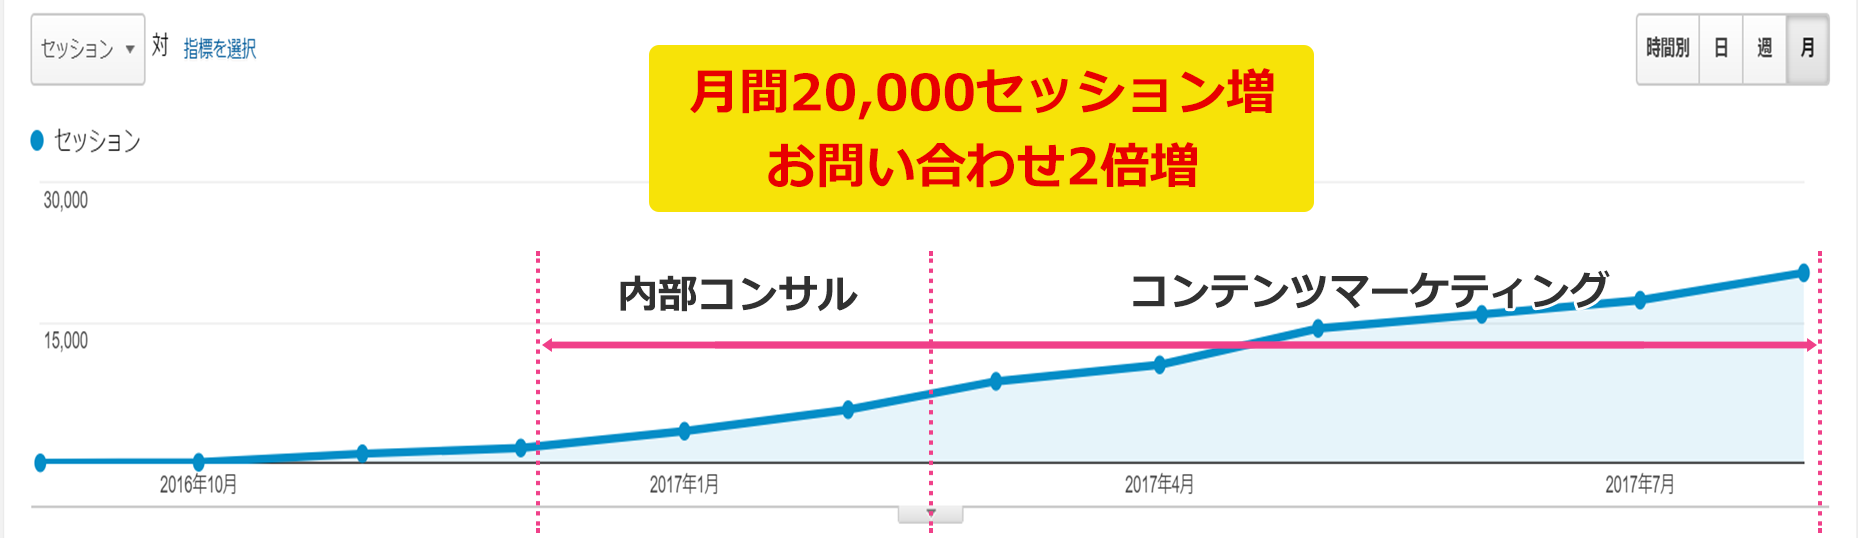 月間20,000セッション増、お問い合わせ2倍増